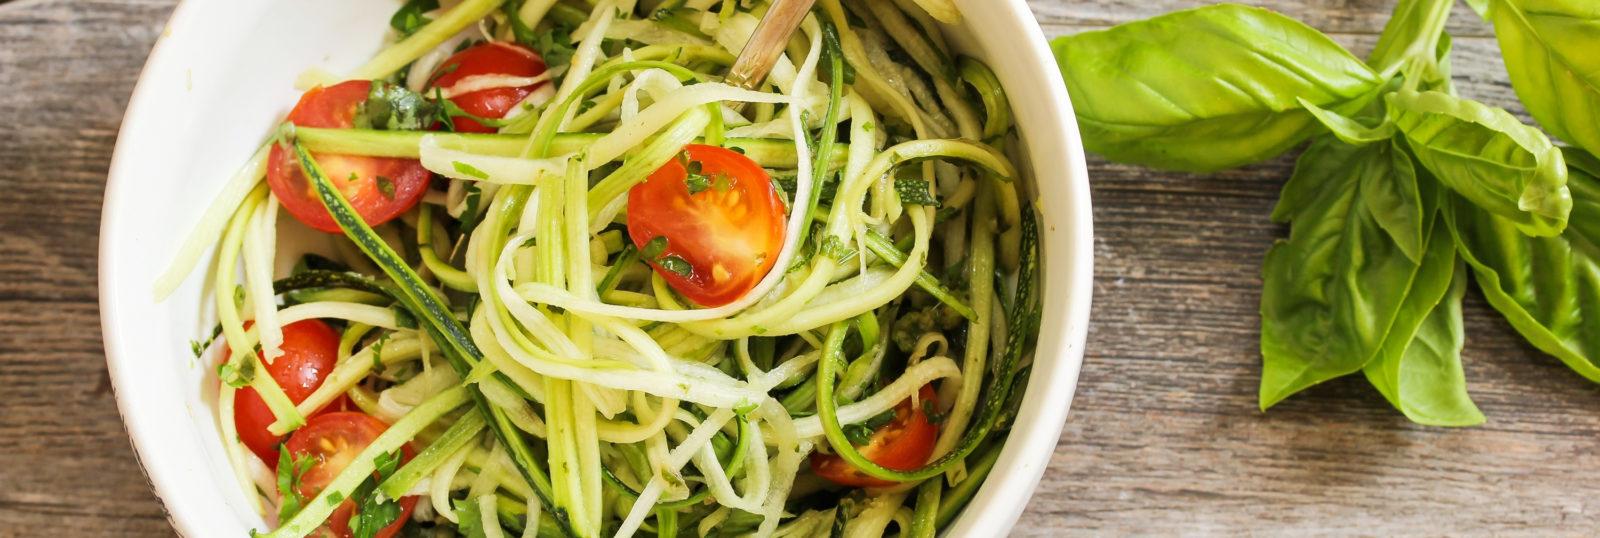 Ten Food Swaps For Healthy Weight Loss Articles Audrey Laurelton